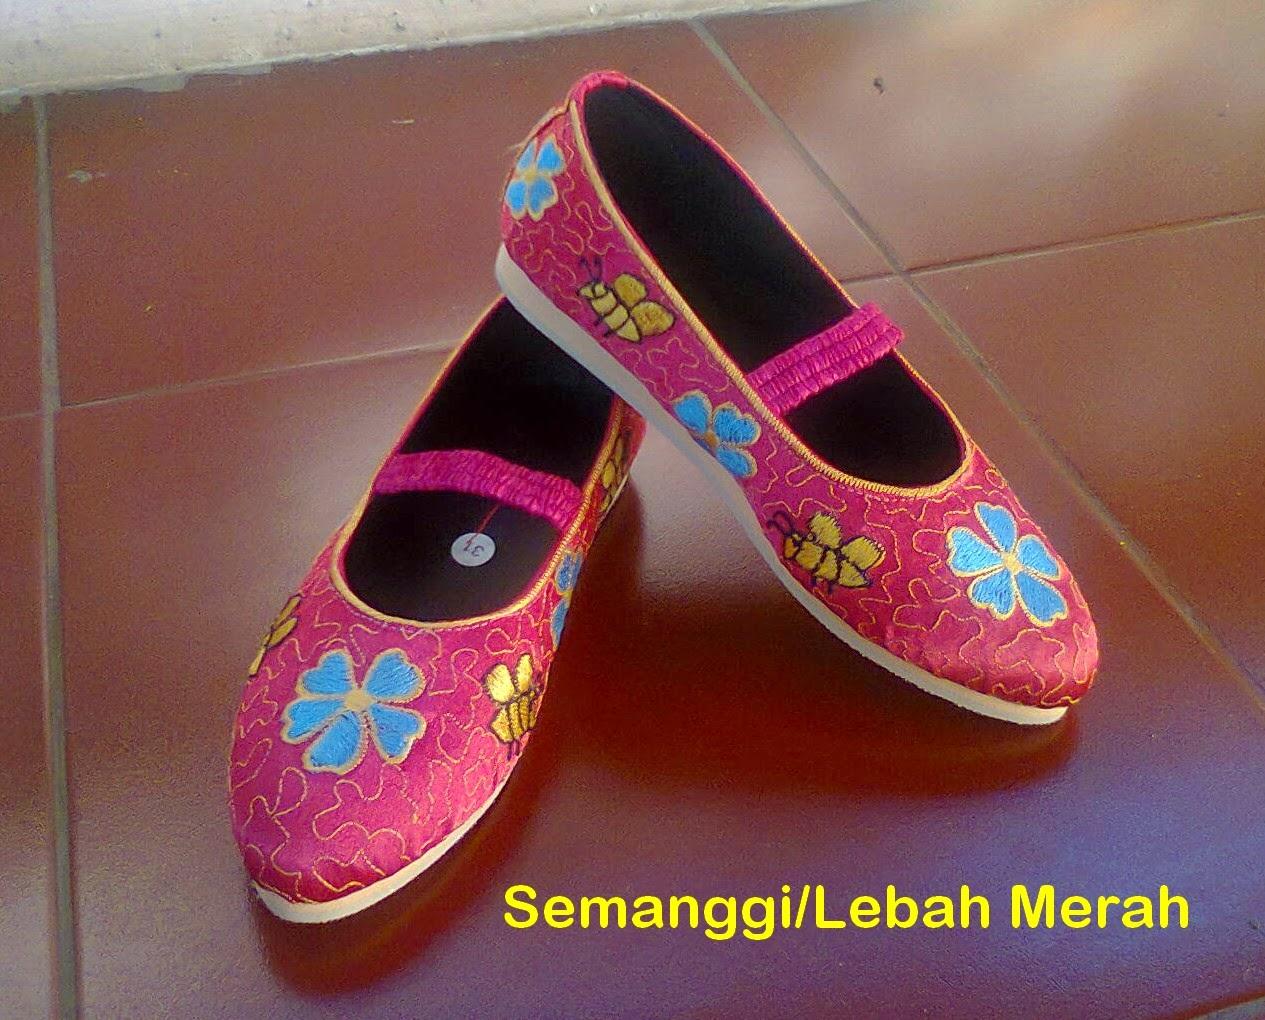 sepatu bordir di purwokerto, sepatu bordir di Yogyakarta, sepatu bordir di jogja, sepatu bordir dan harga, sepatu bordir dari bali, sepatu bordir di tangerang, jual sepatu bordir di Jakarta,